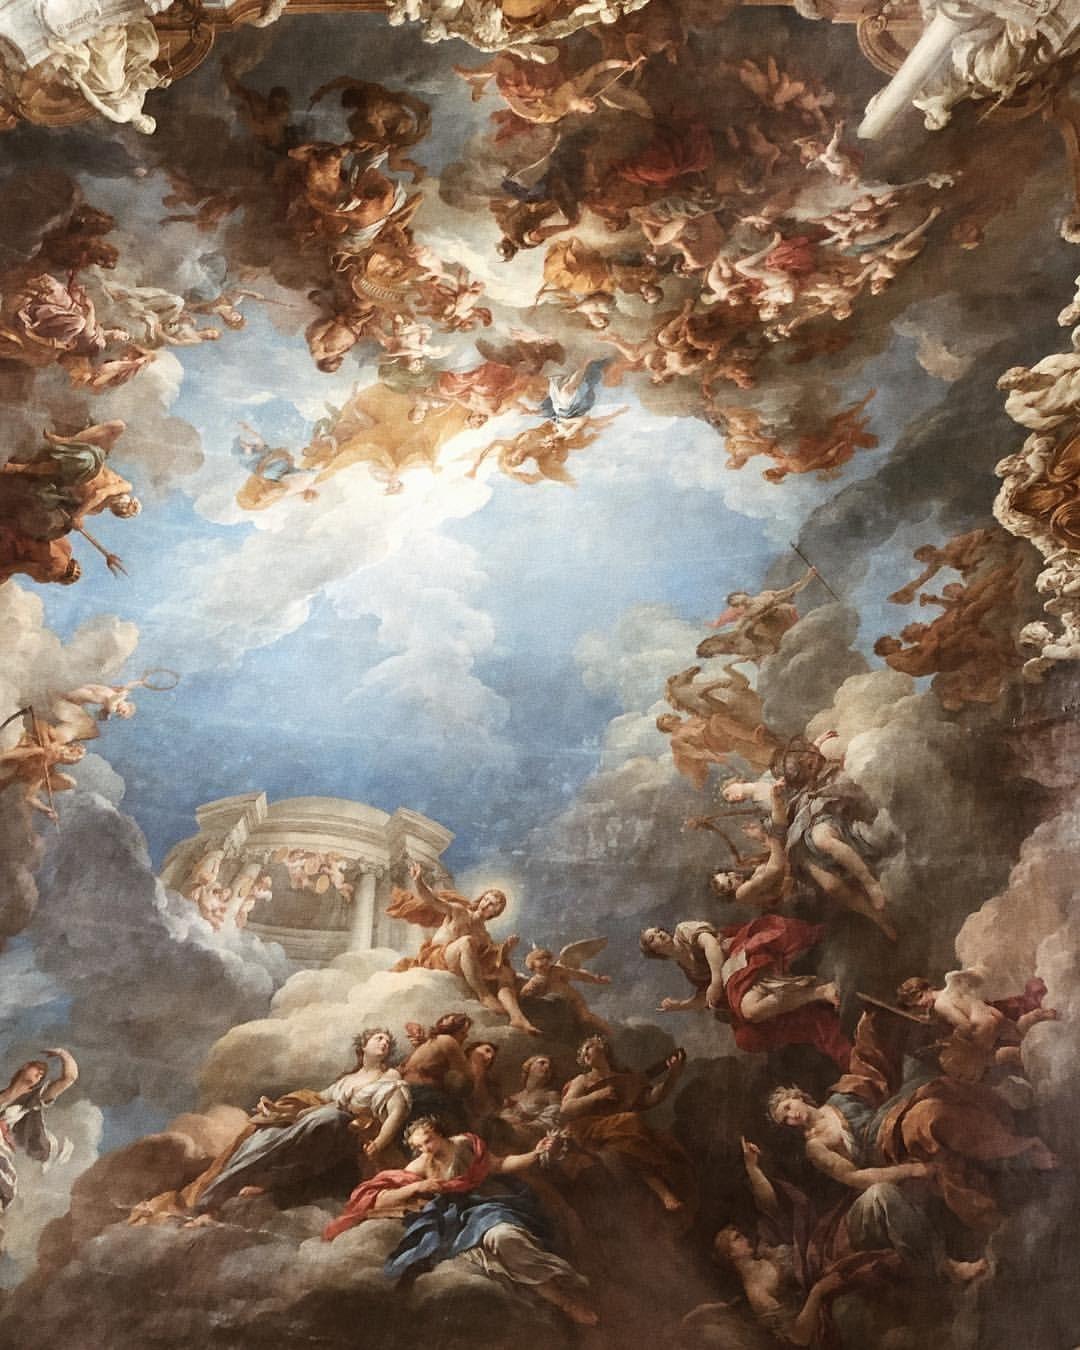 Greek Art Wallpaper : greek, wallpaper, Angelic, Skies, Stormy, #takemeback, Aesthetic, Greek, Paintings,, Painting